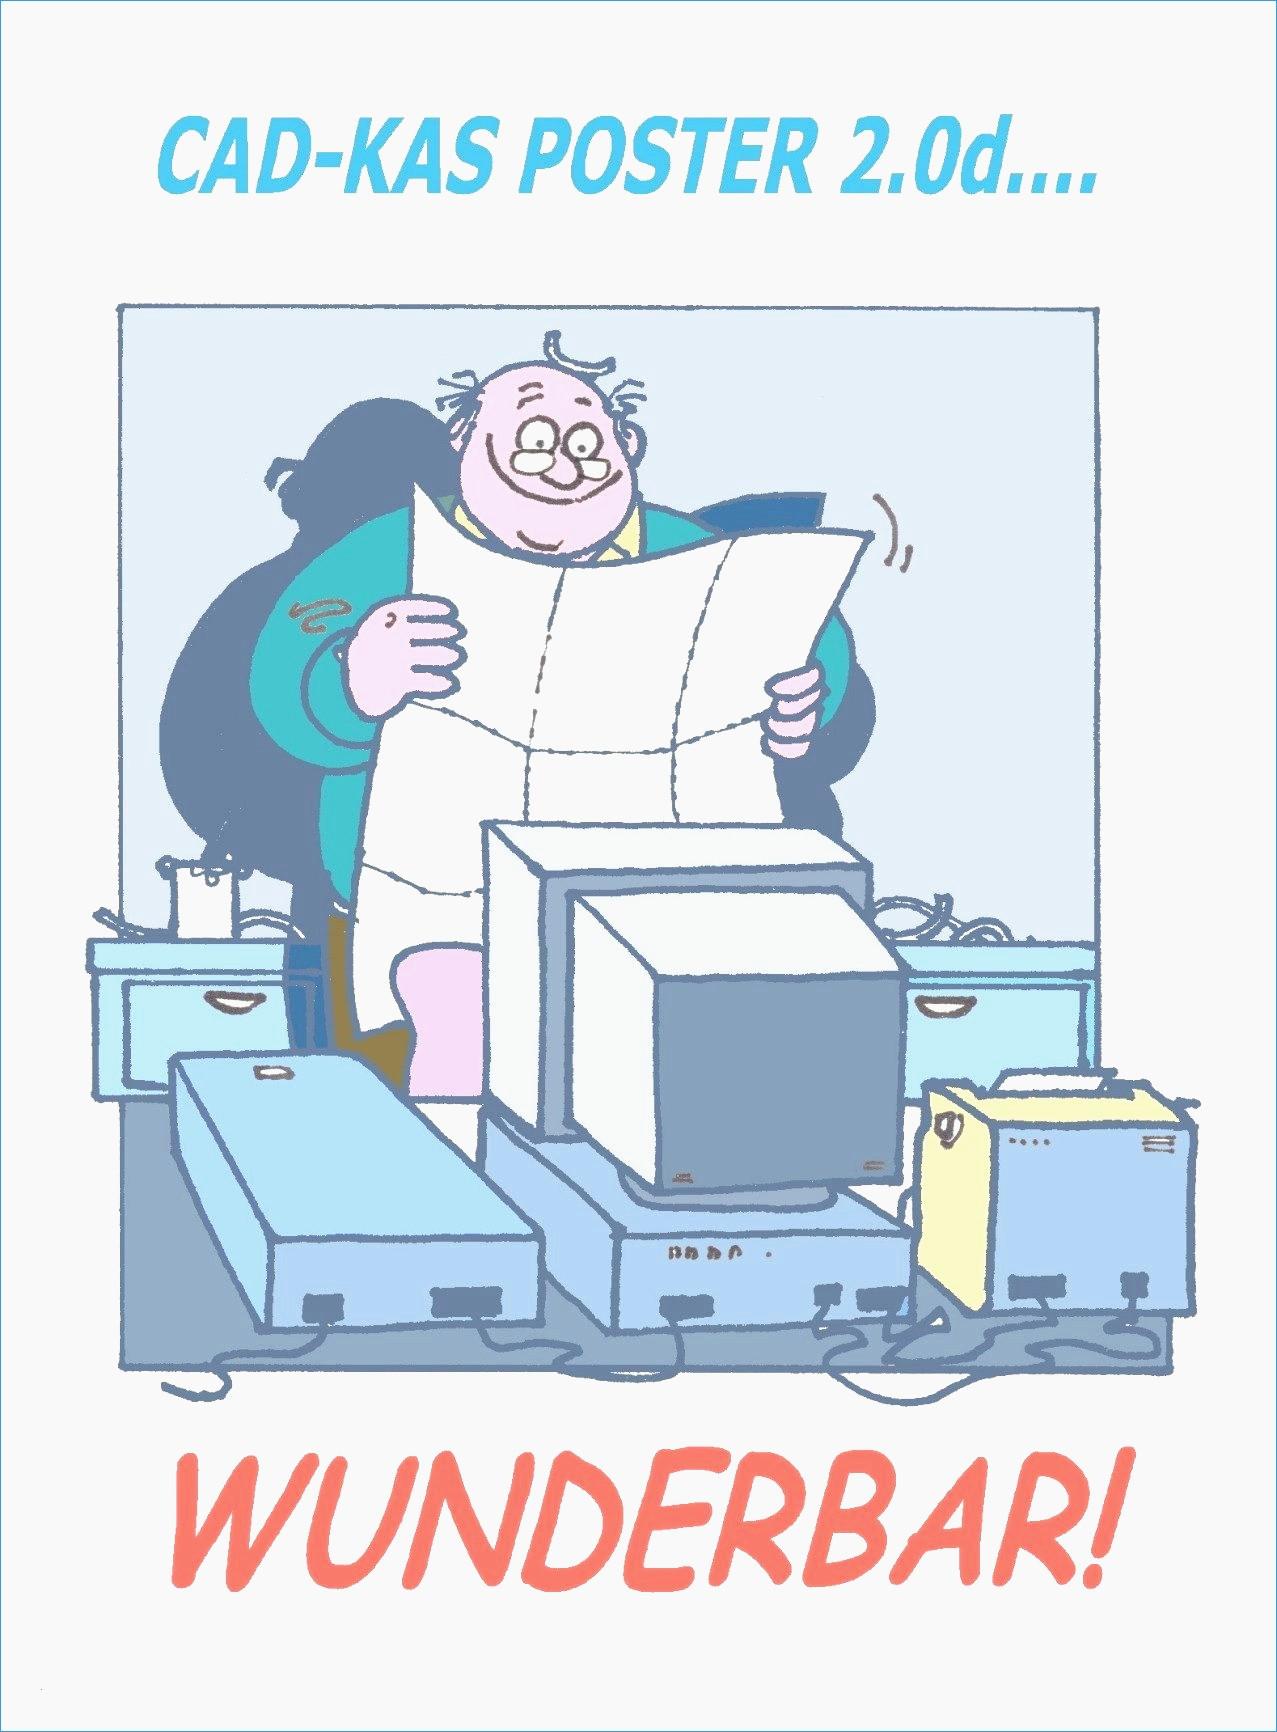 Malvorlagen Bagger Neu Ausmalvorlagen Zum Ausdrucken Schön Ausmalbilder Bagger Tqd3 Bilder